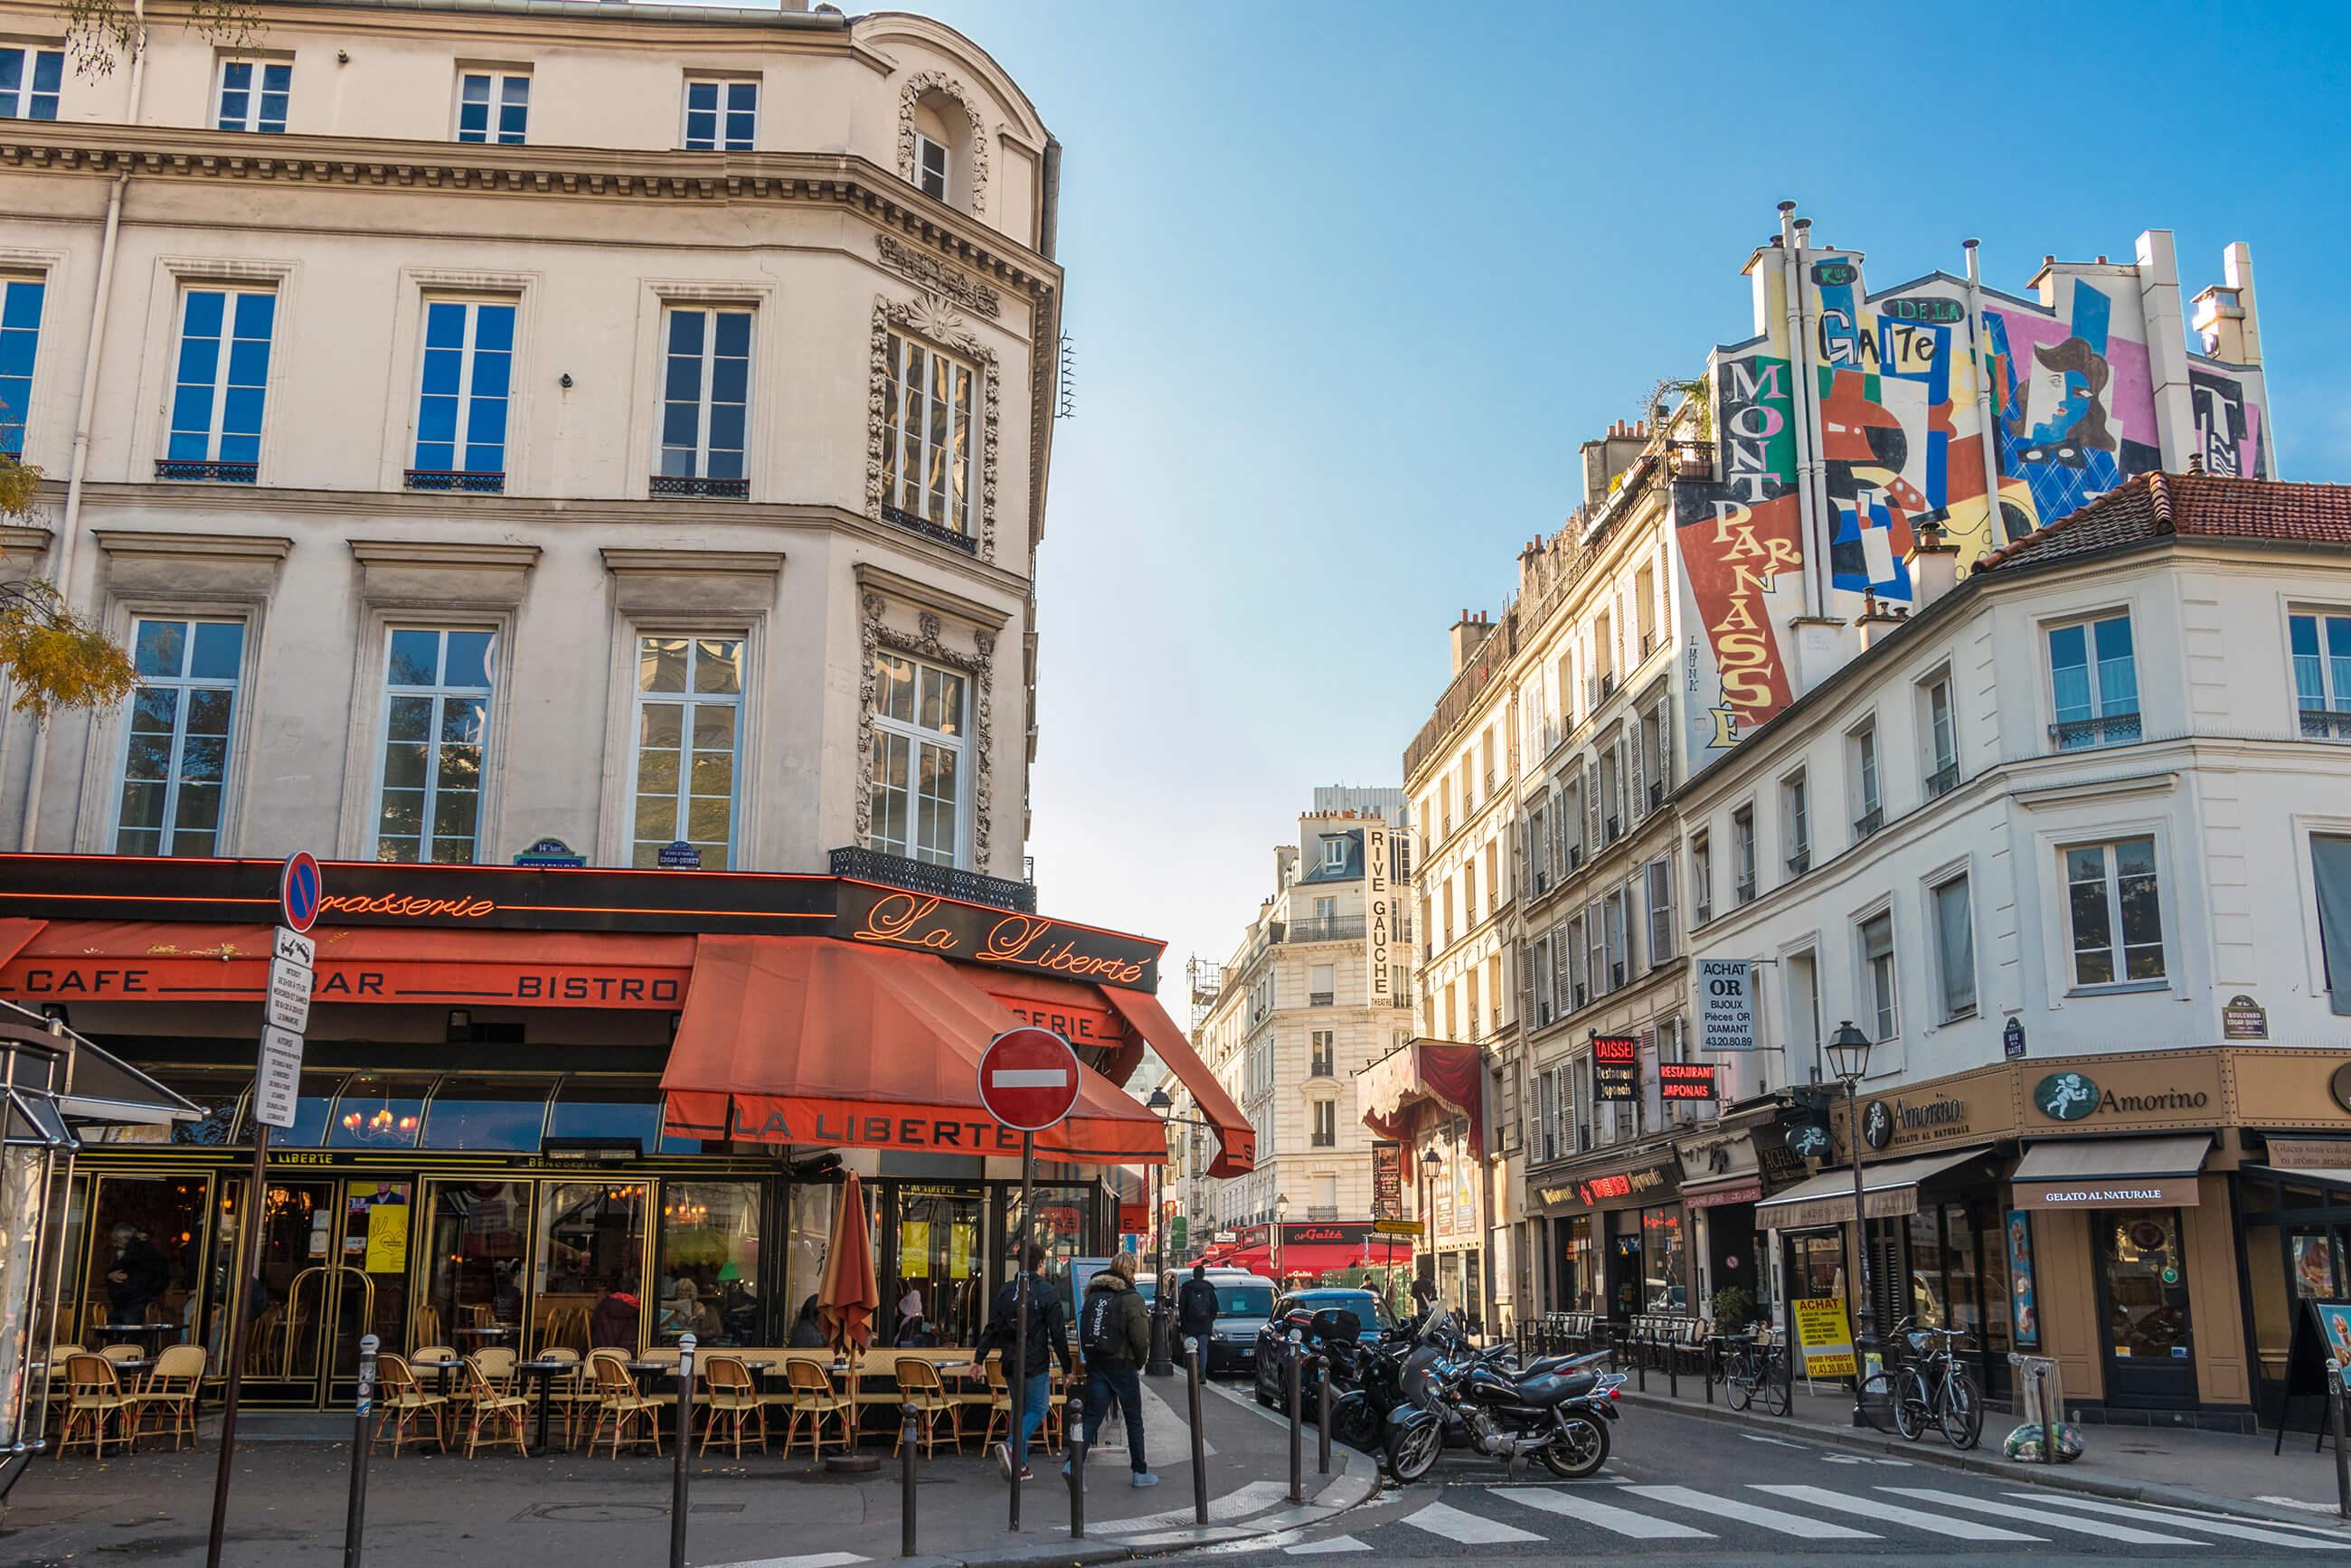 https://bubo.sk/uploads/galleries/5035/francuzsko_pariz_img_1014gaite_montparnasse_by_studiottg.jpg